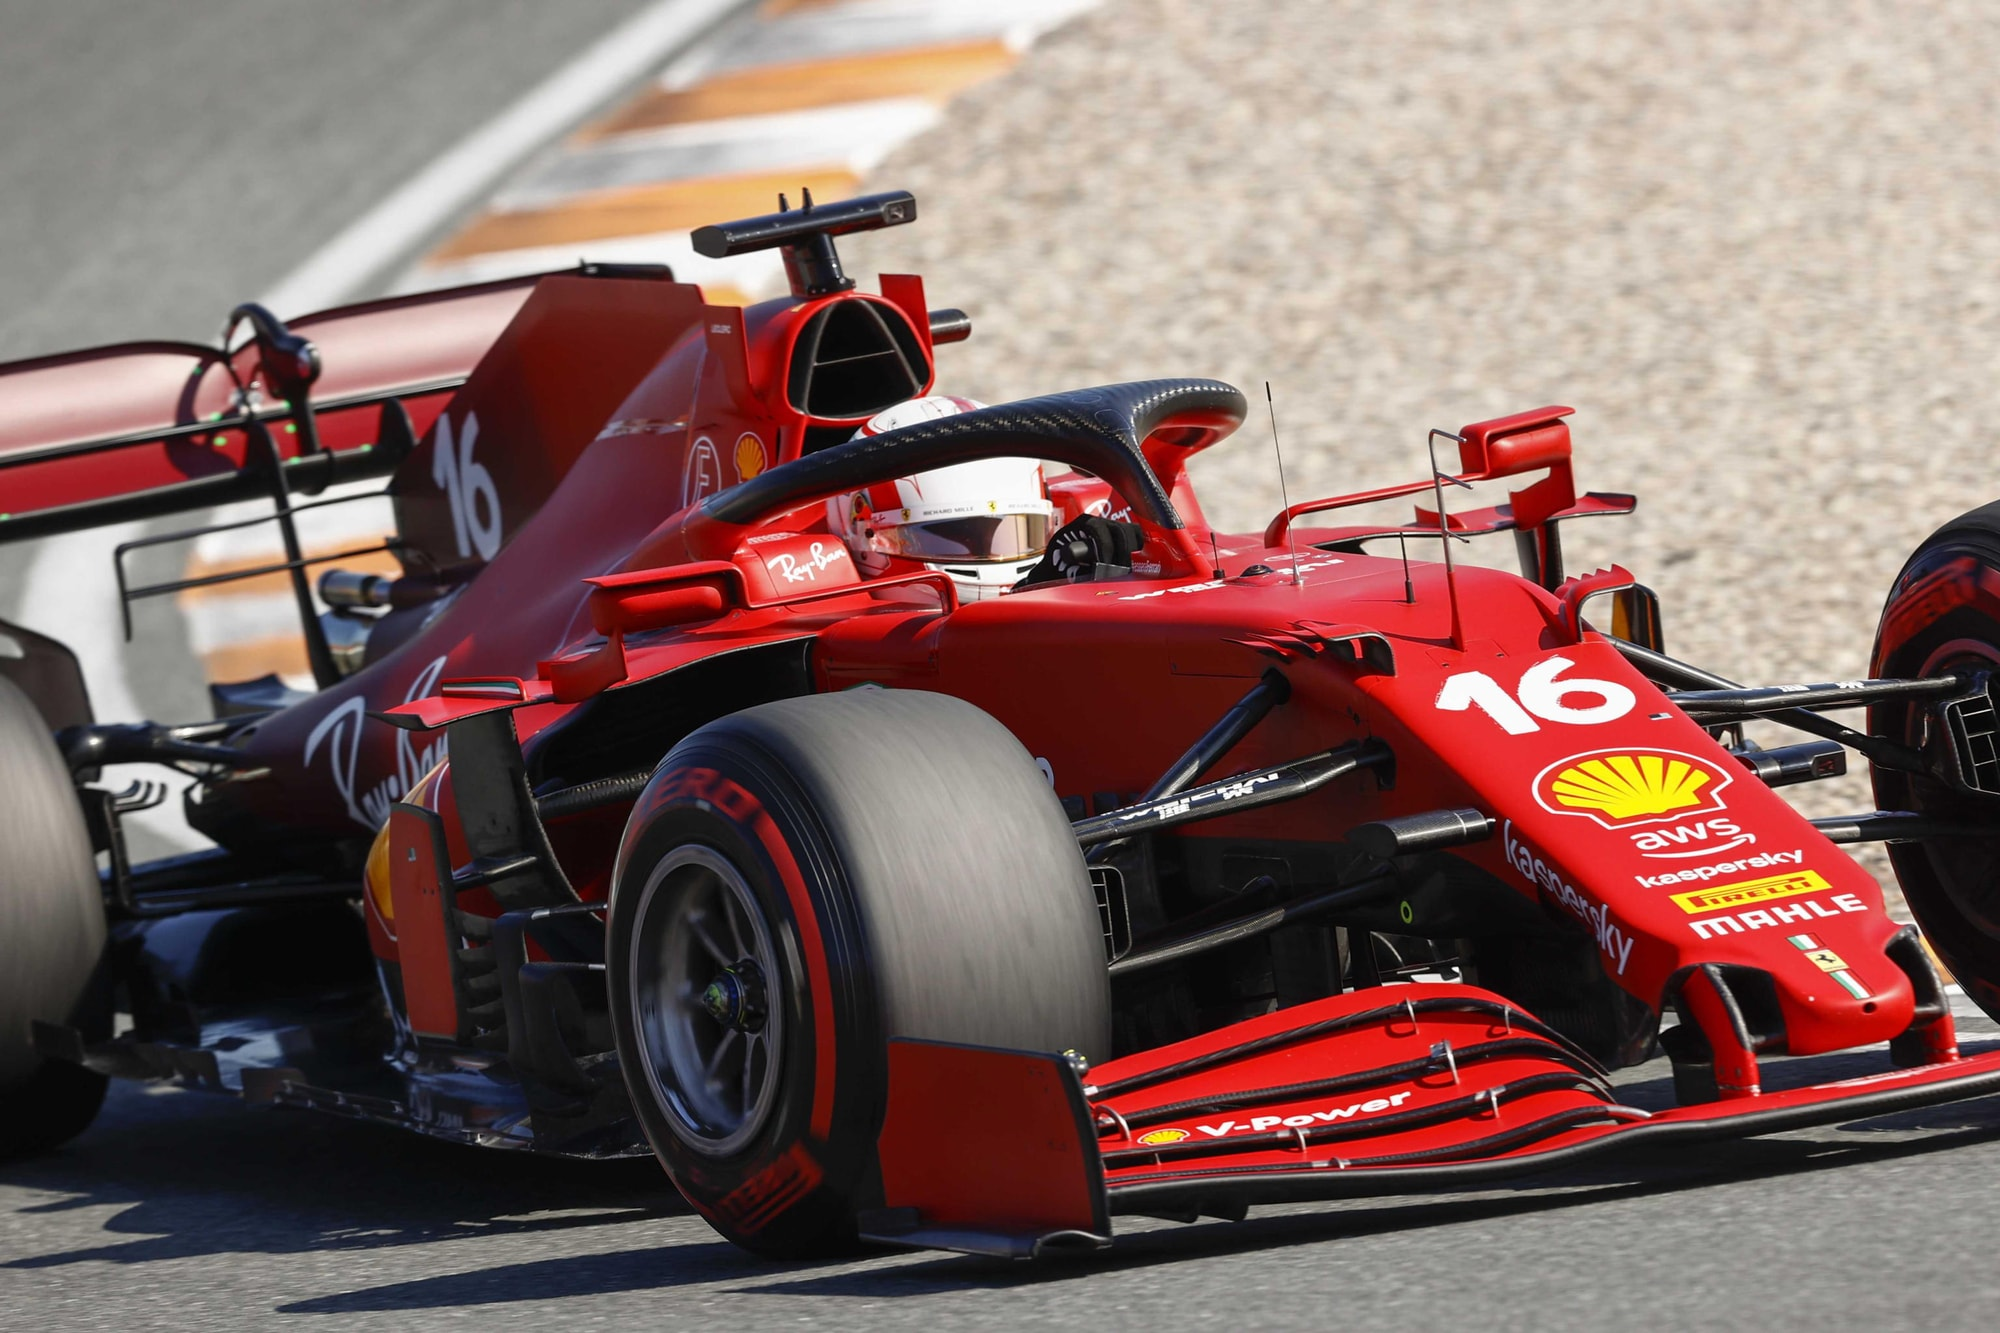 """171631544 3d50bdec 212f 4e61 ad81 adfc6767c645 - F1, Leclerc: """"Voglio vincere un titolo con la Ferrari"""""""